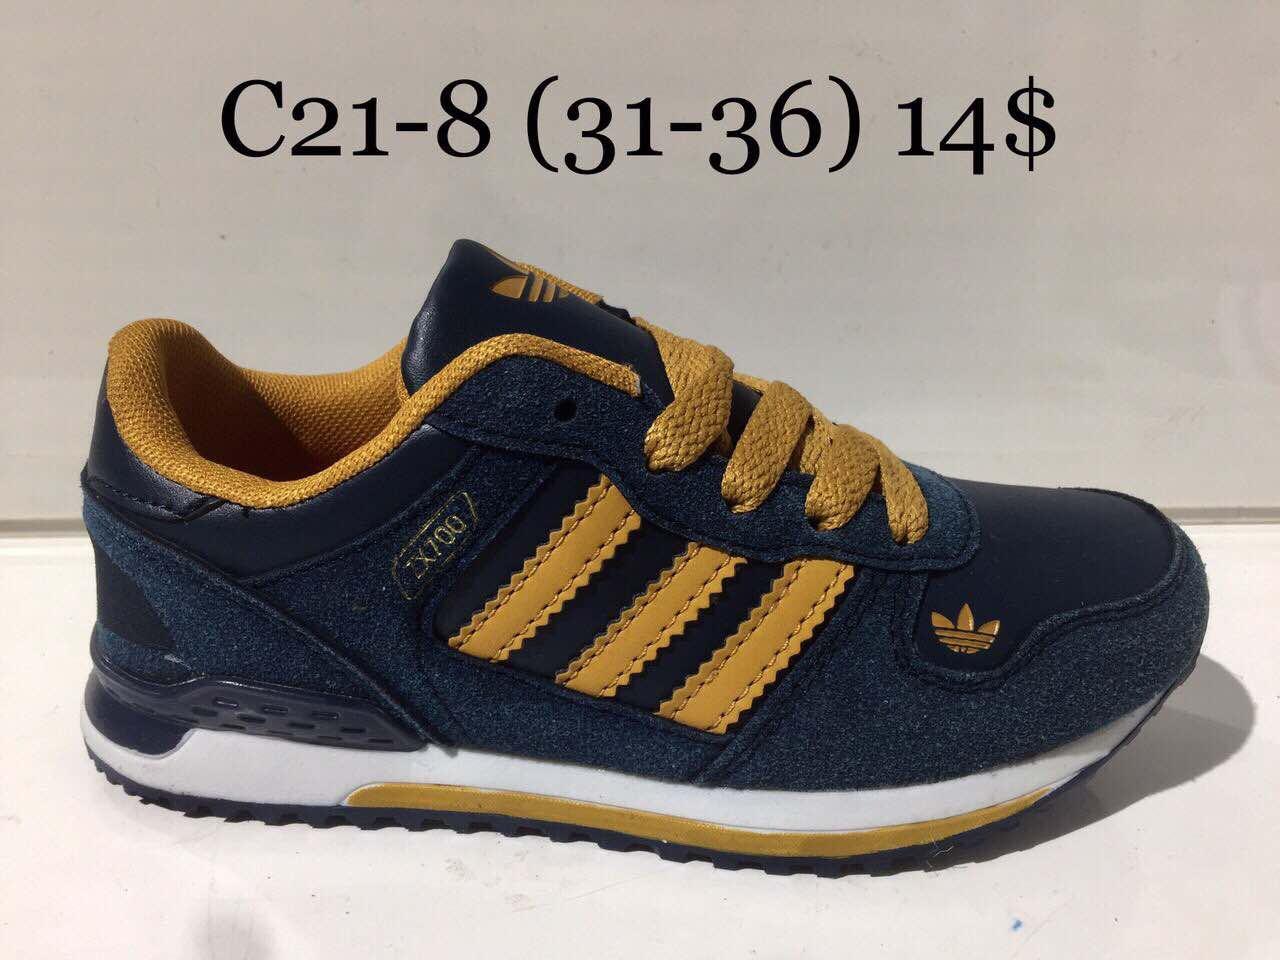 54baf04ad90a Детские кроссовки оптом от Adidas ZX700 (31-36), цена 394,80 грн ...